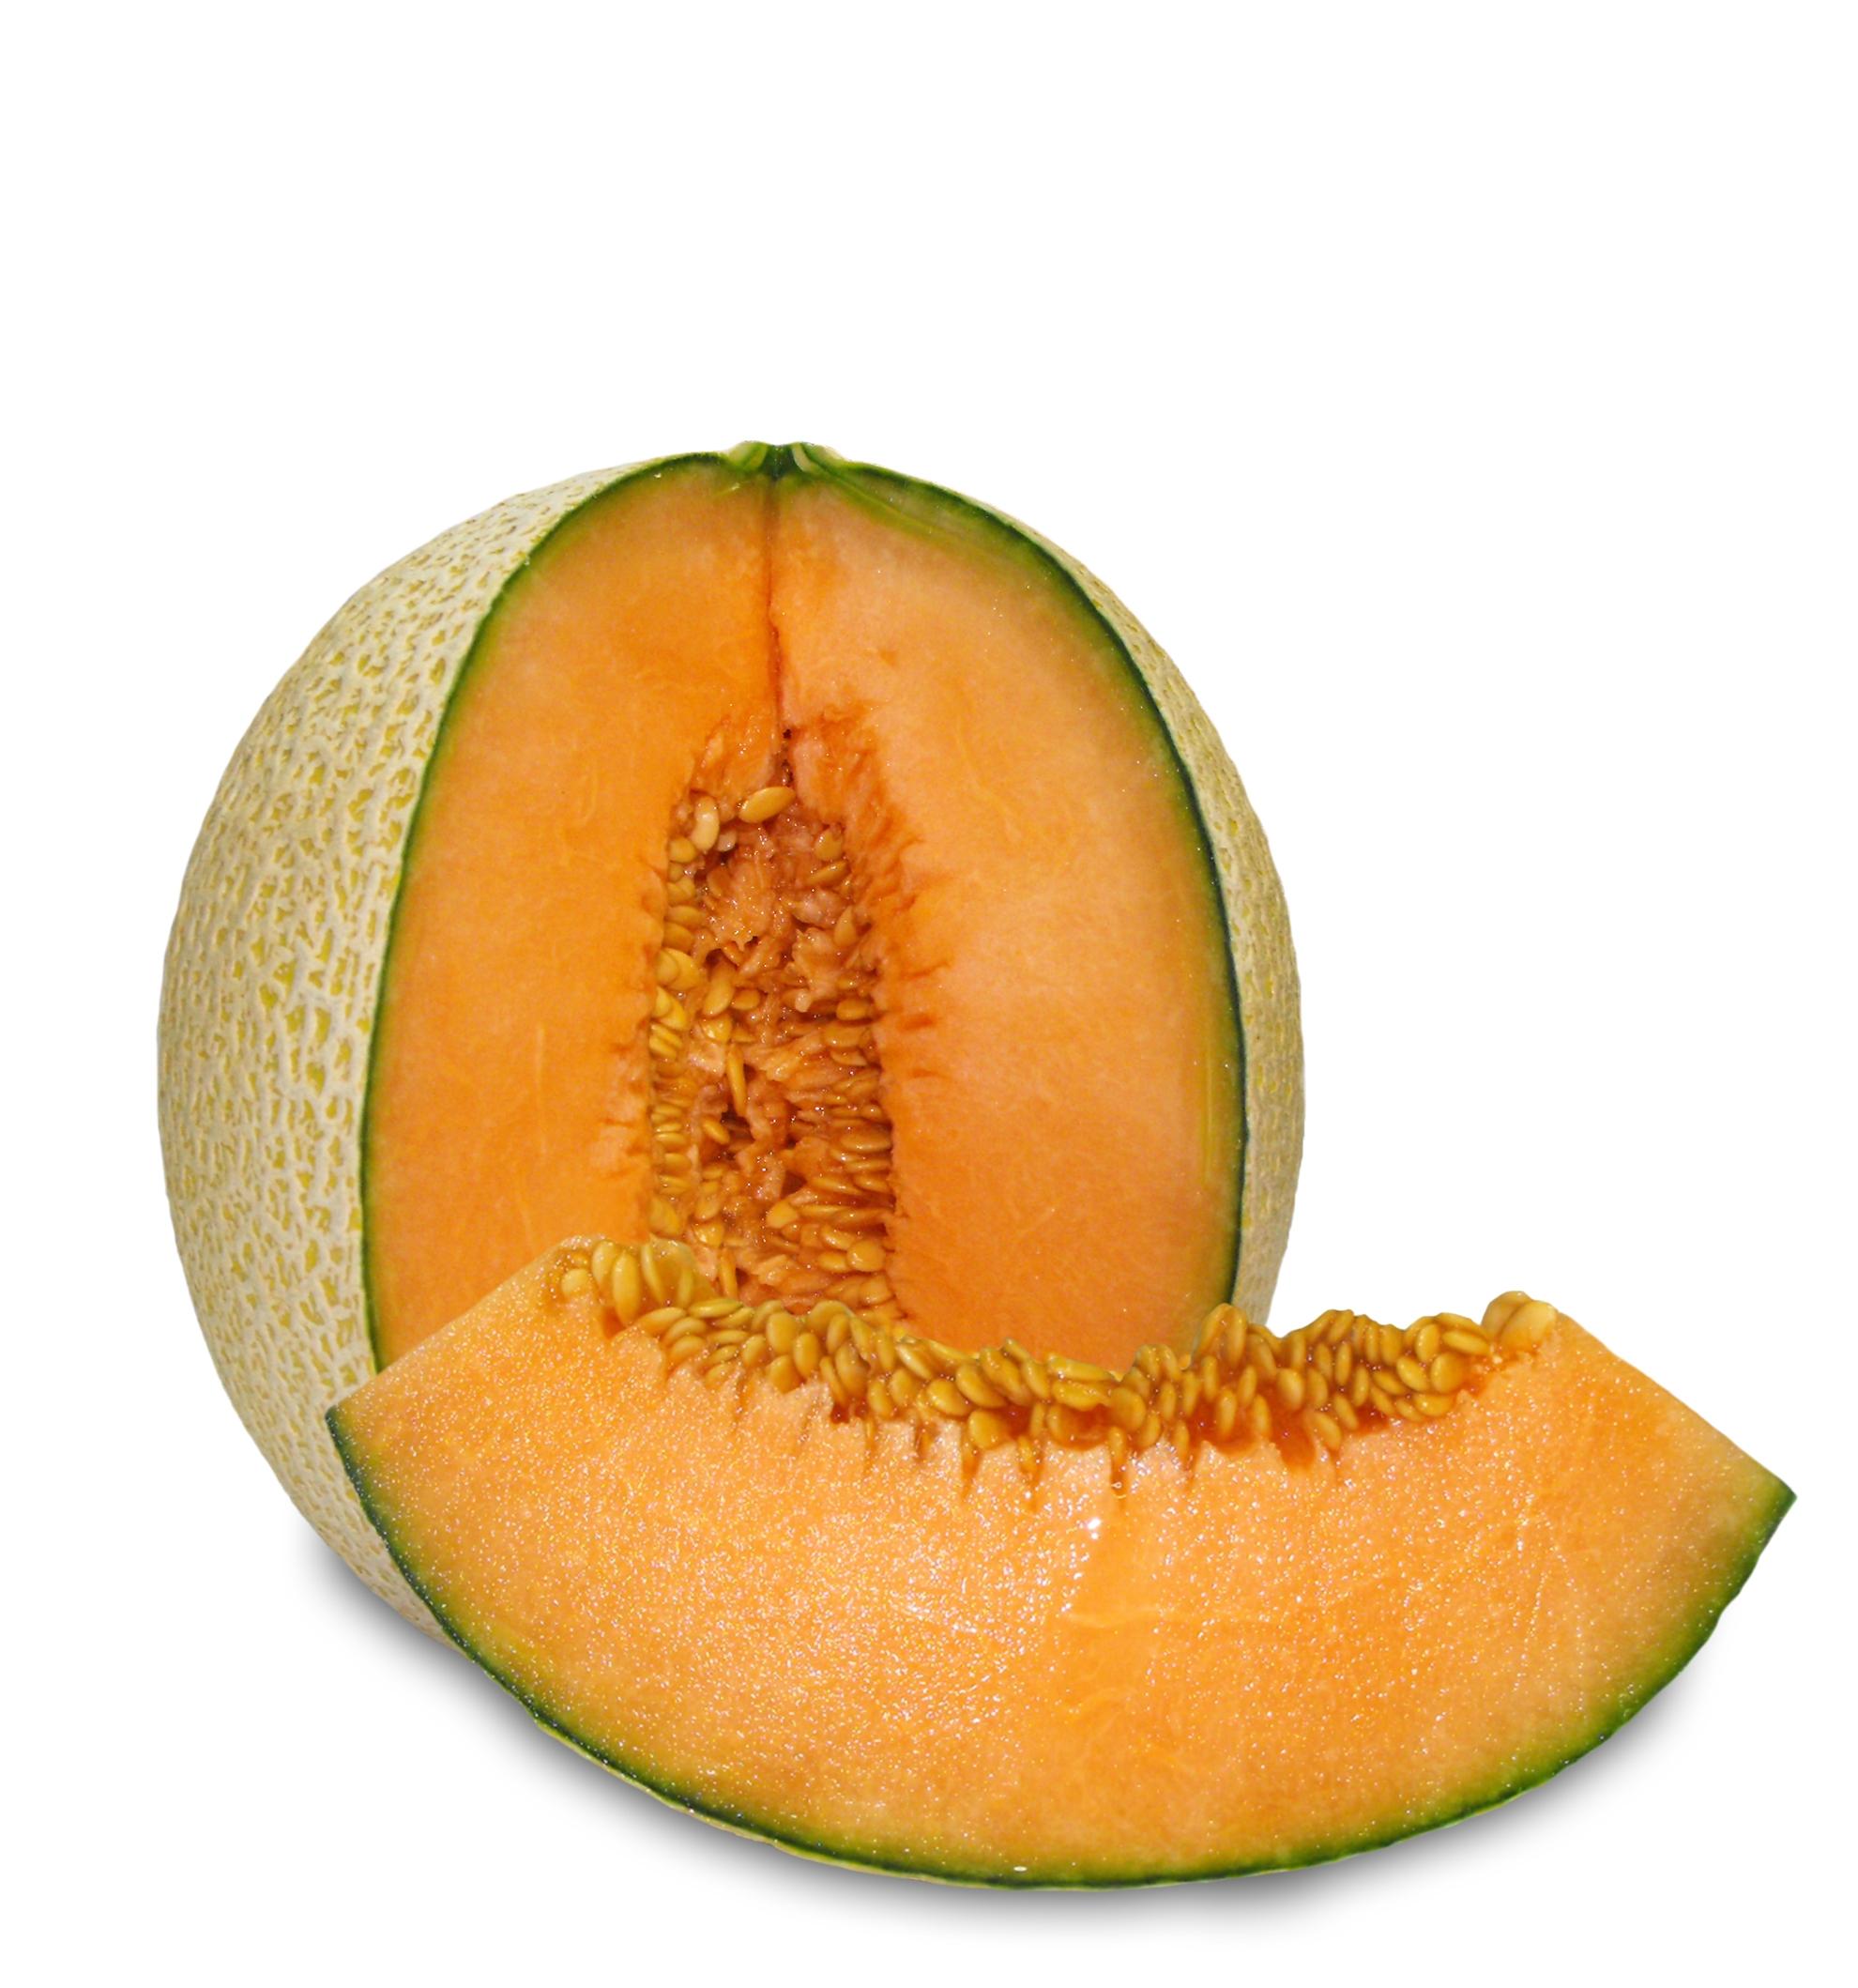 Melon HD wallpapers, Desktop wallpaper - most viewed